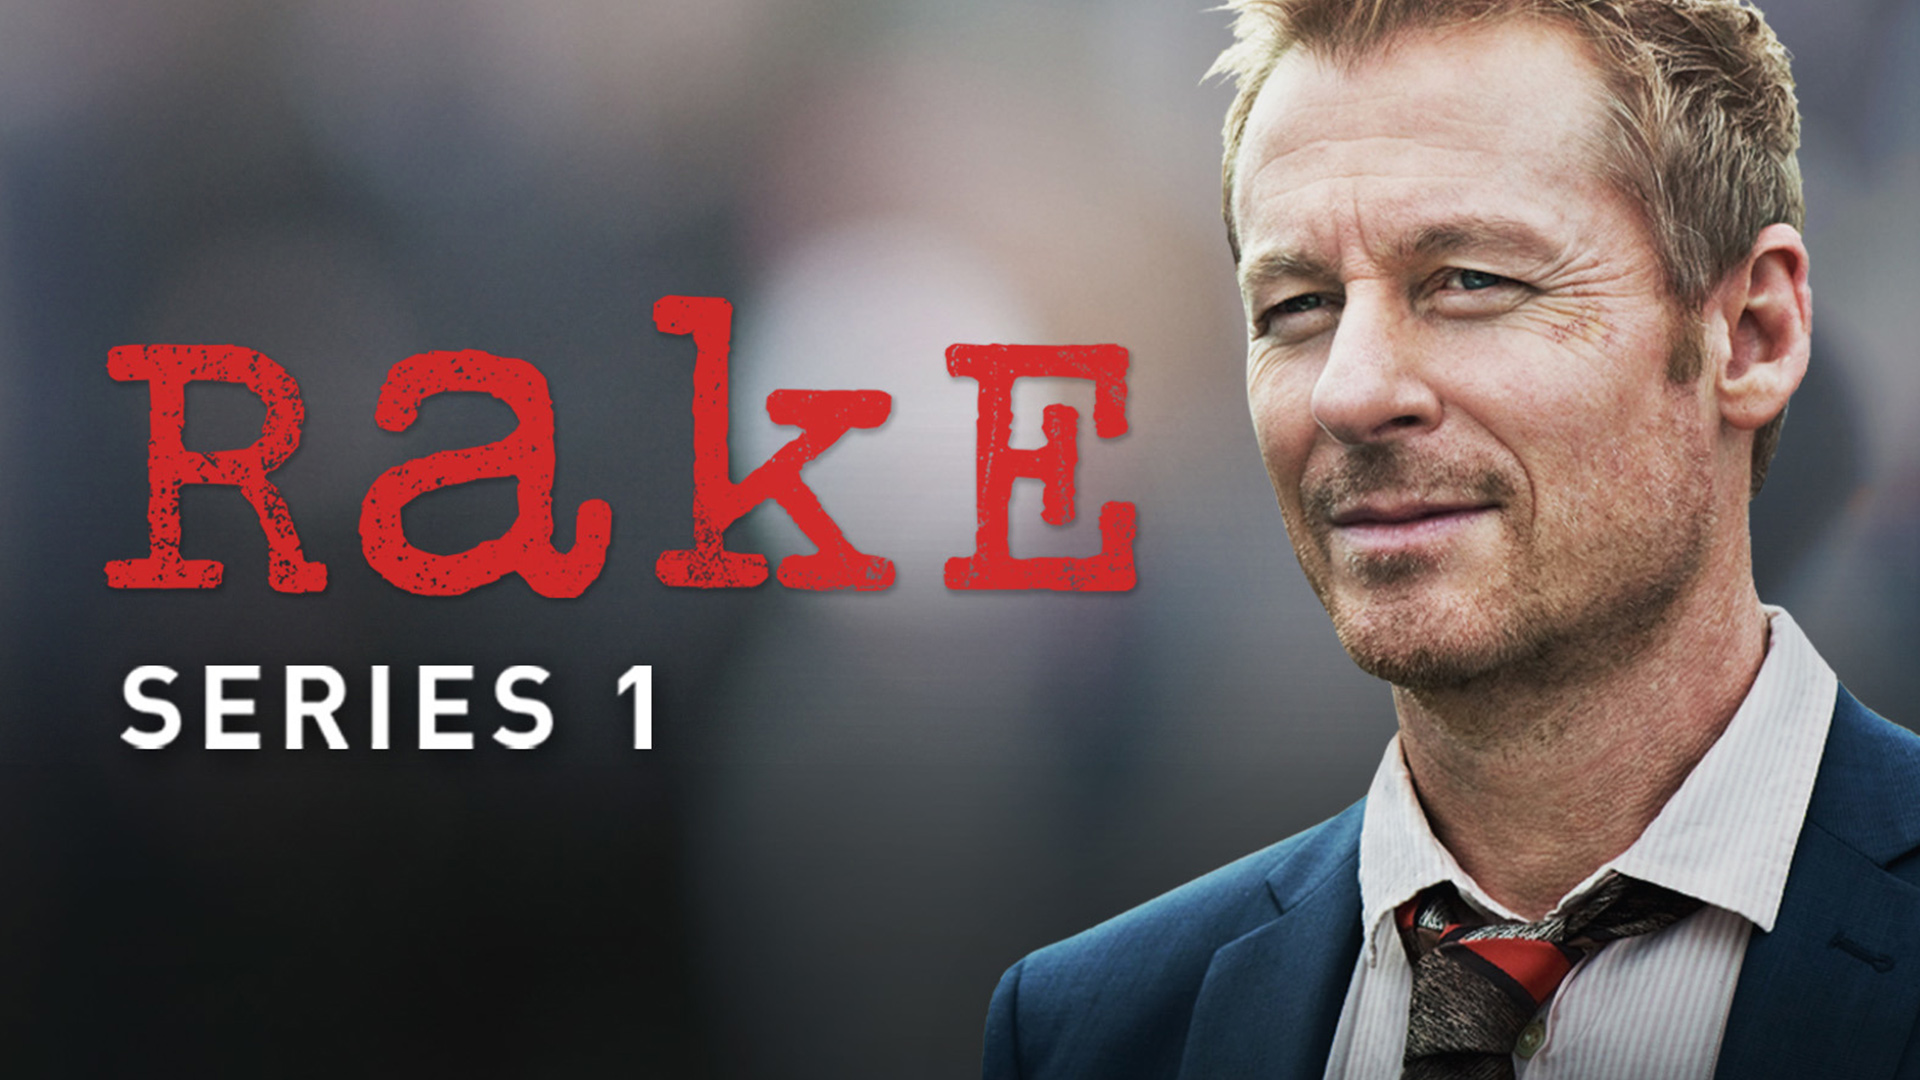 Rake - Series 1